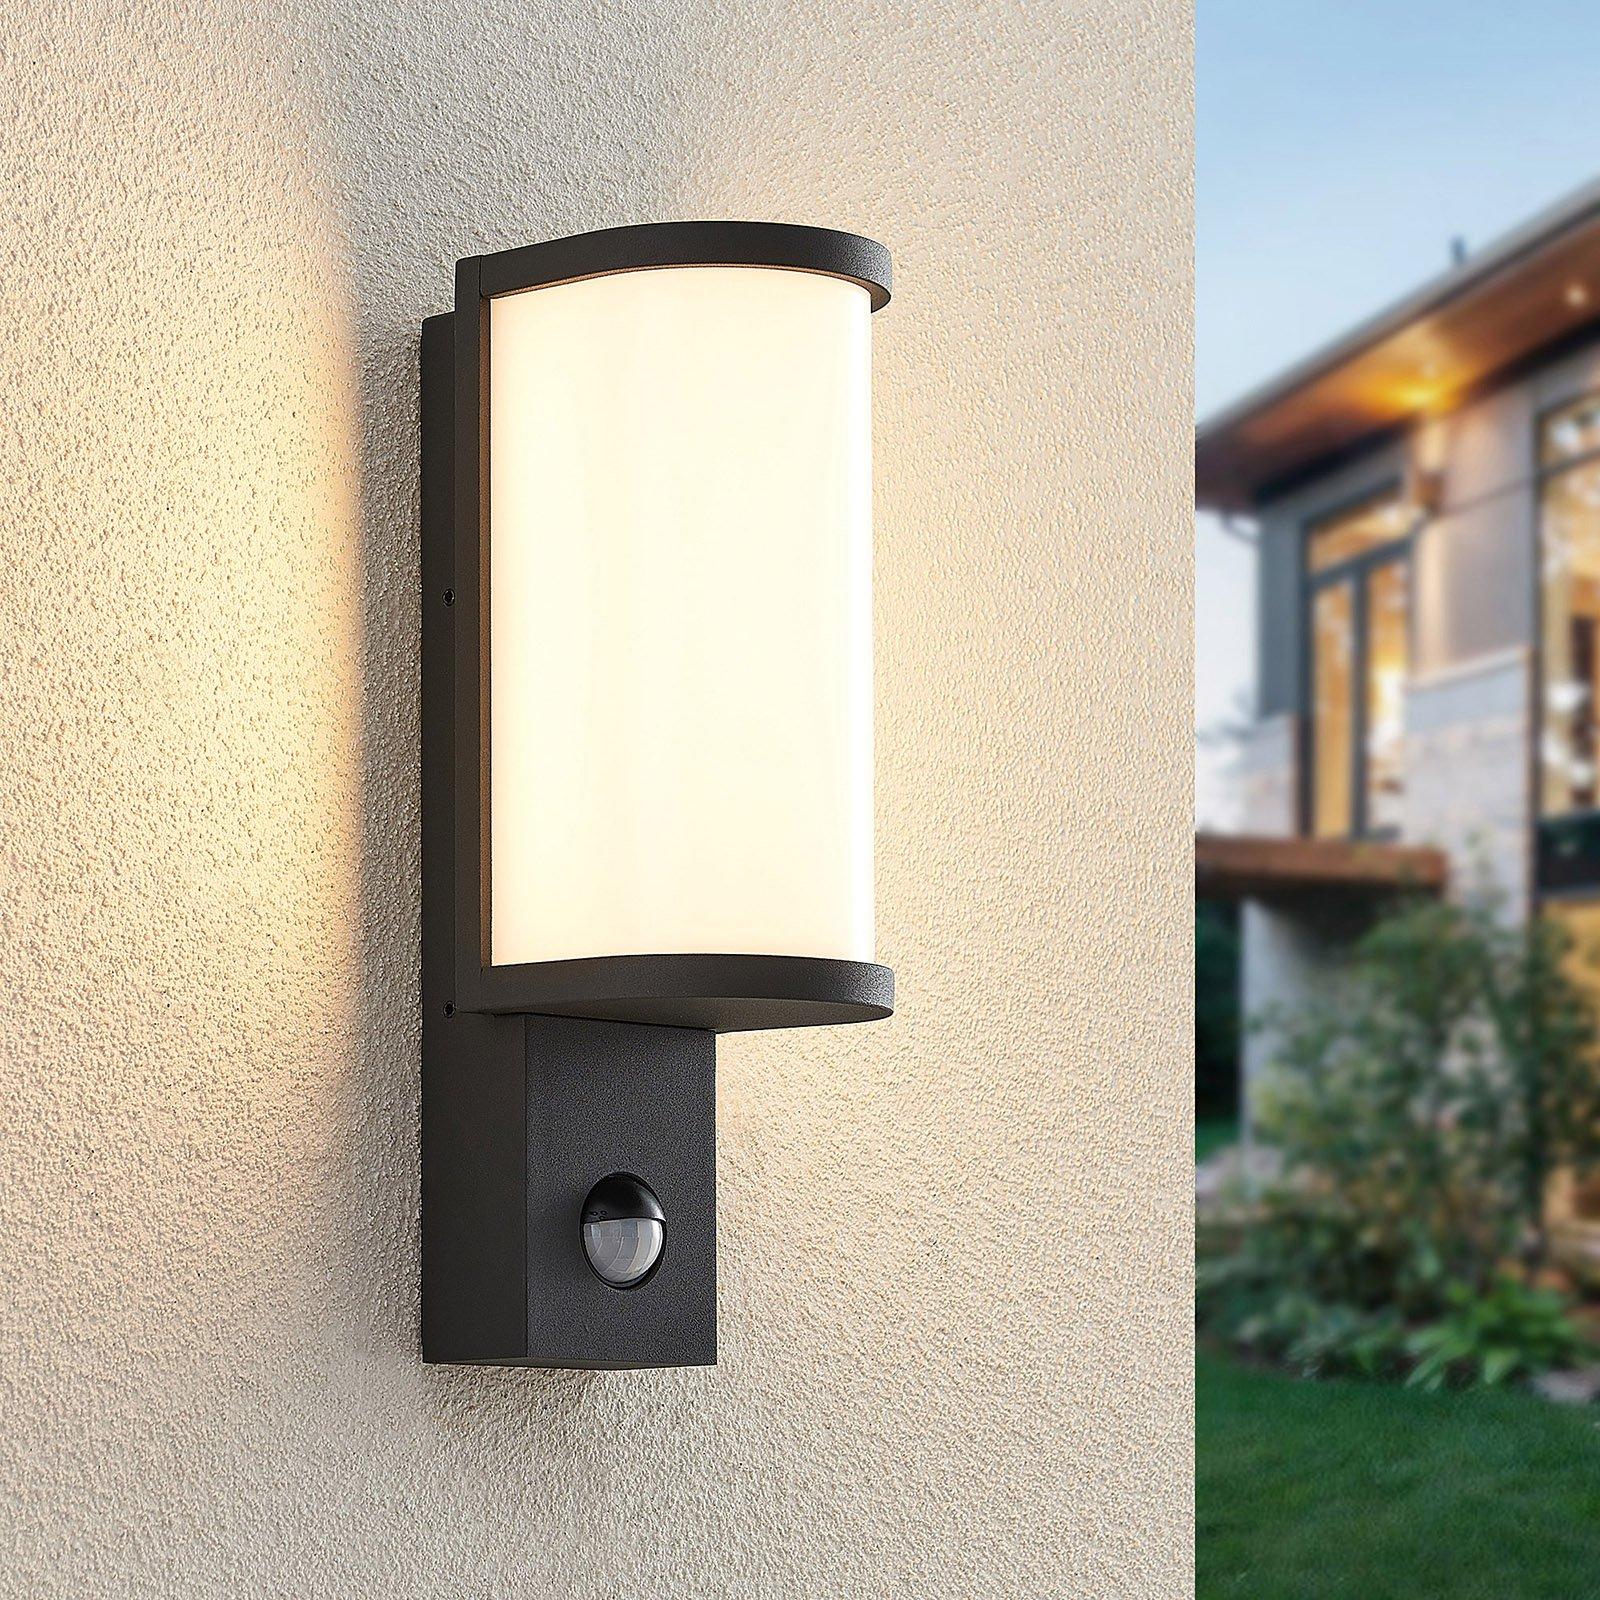 Lucande Jokum utendørs LED-vegglampe, IP54, sensor